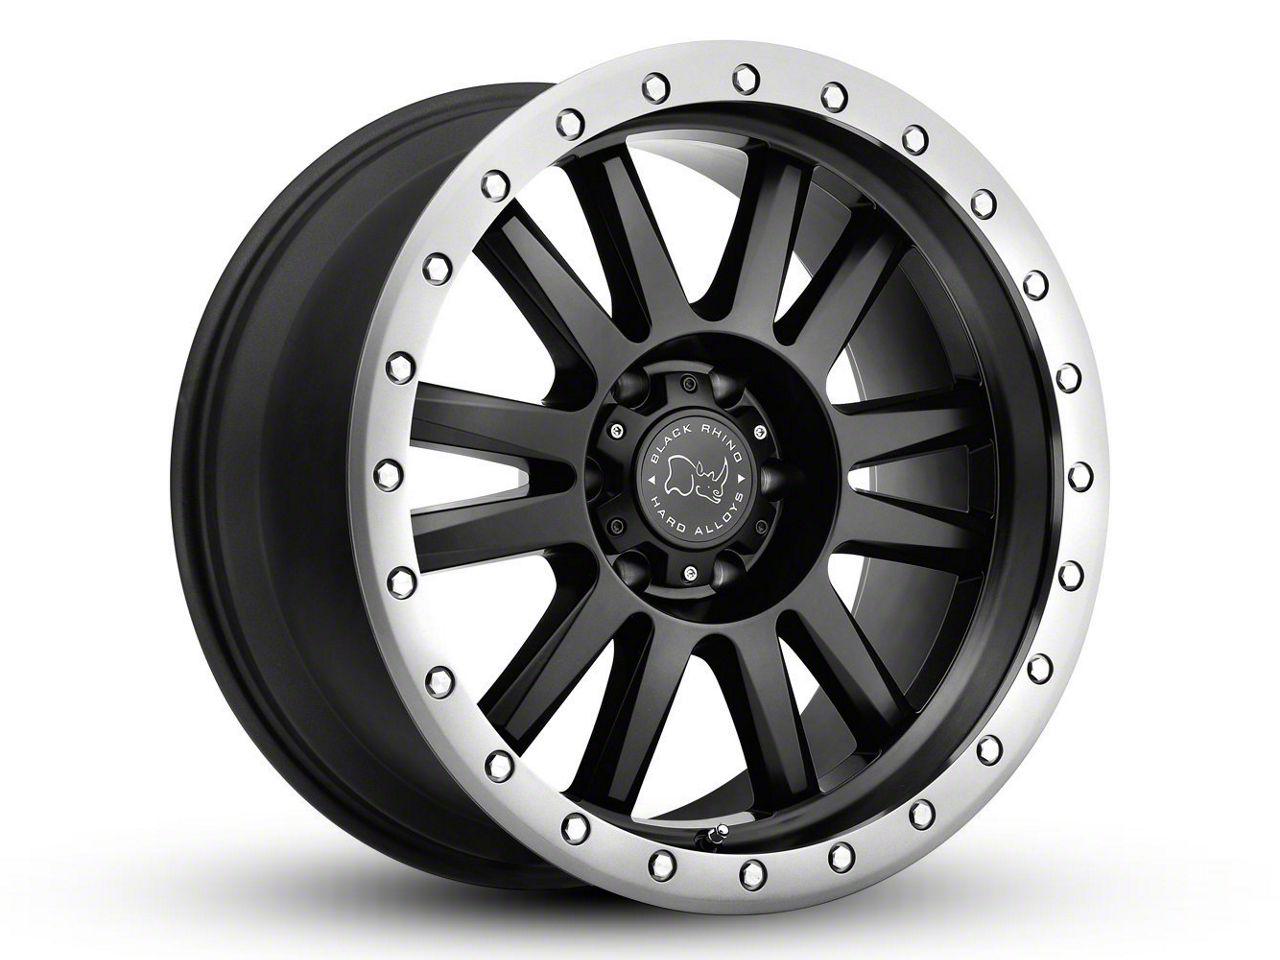 Black Rhino Tanay Matte Black Graphite 6-Lug Wheel - 17x9 (99-18 Silverado 1500)